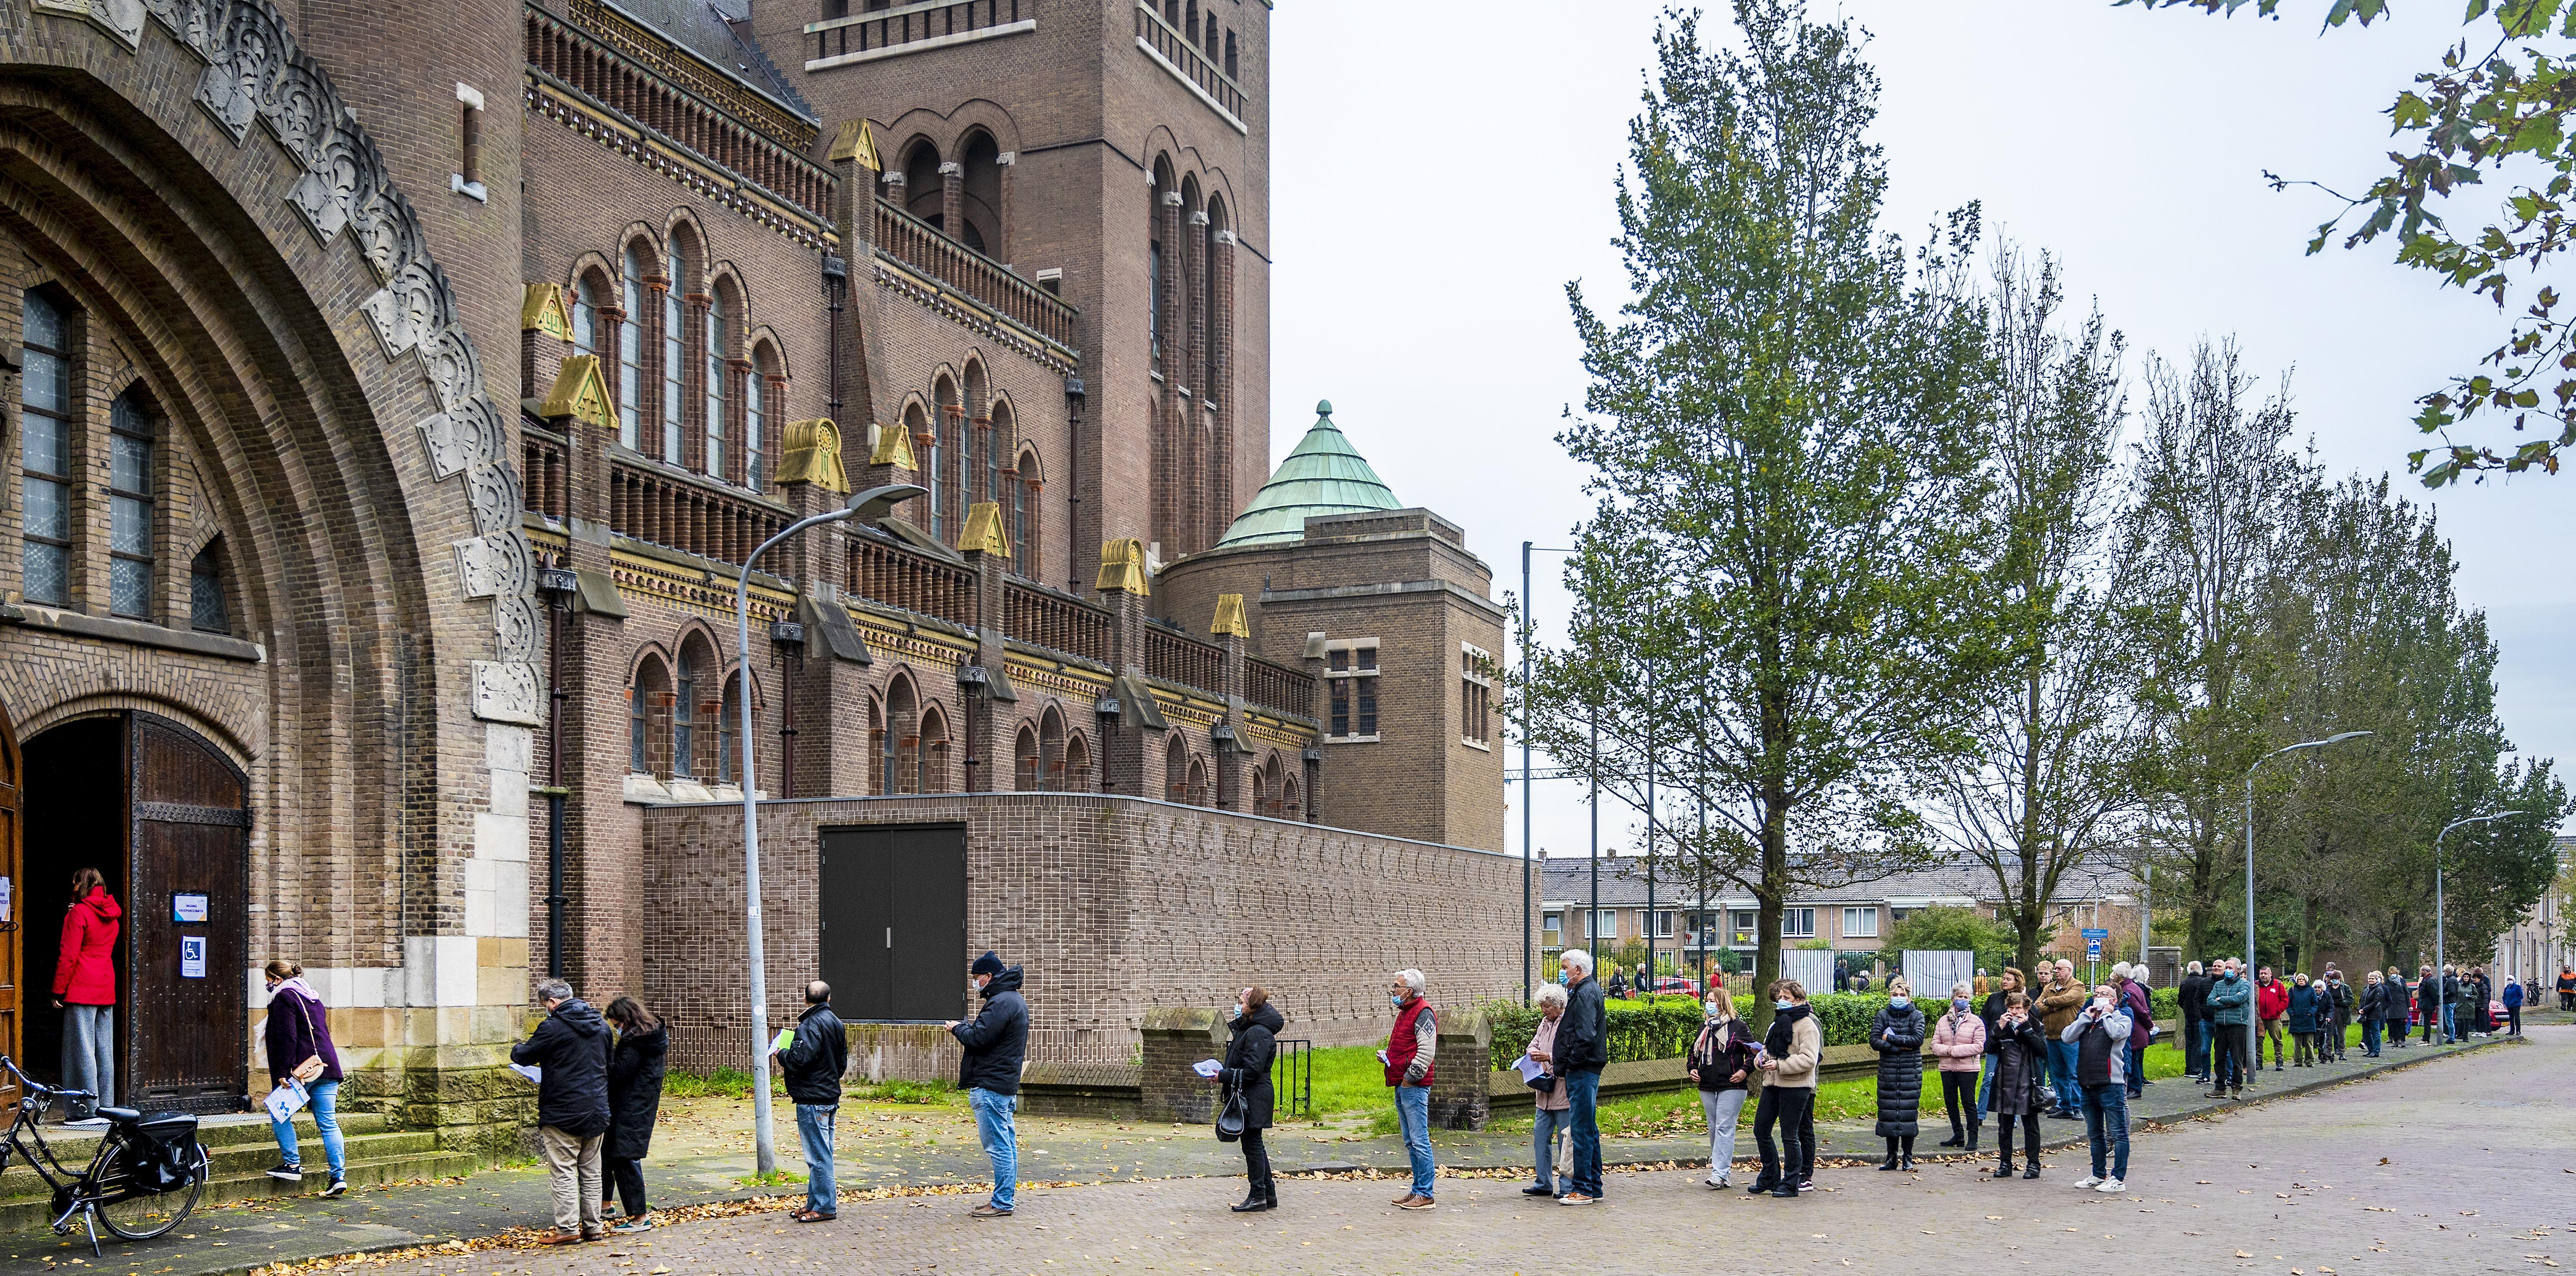 Drie kwartier in de rij rond de Bavo in Haarlem voor de griepprik: 'Het lijkt de Efteling wel, alleen de bordjes ontbreken'